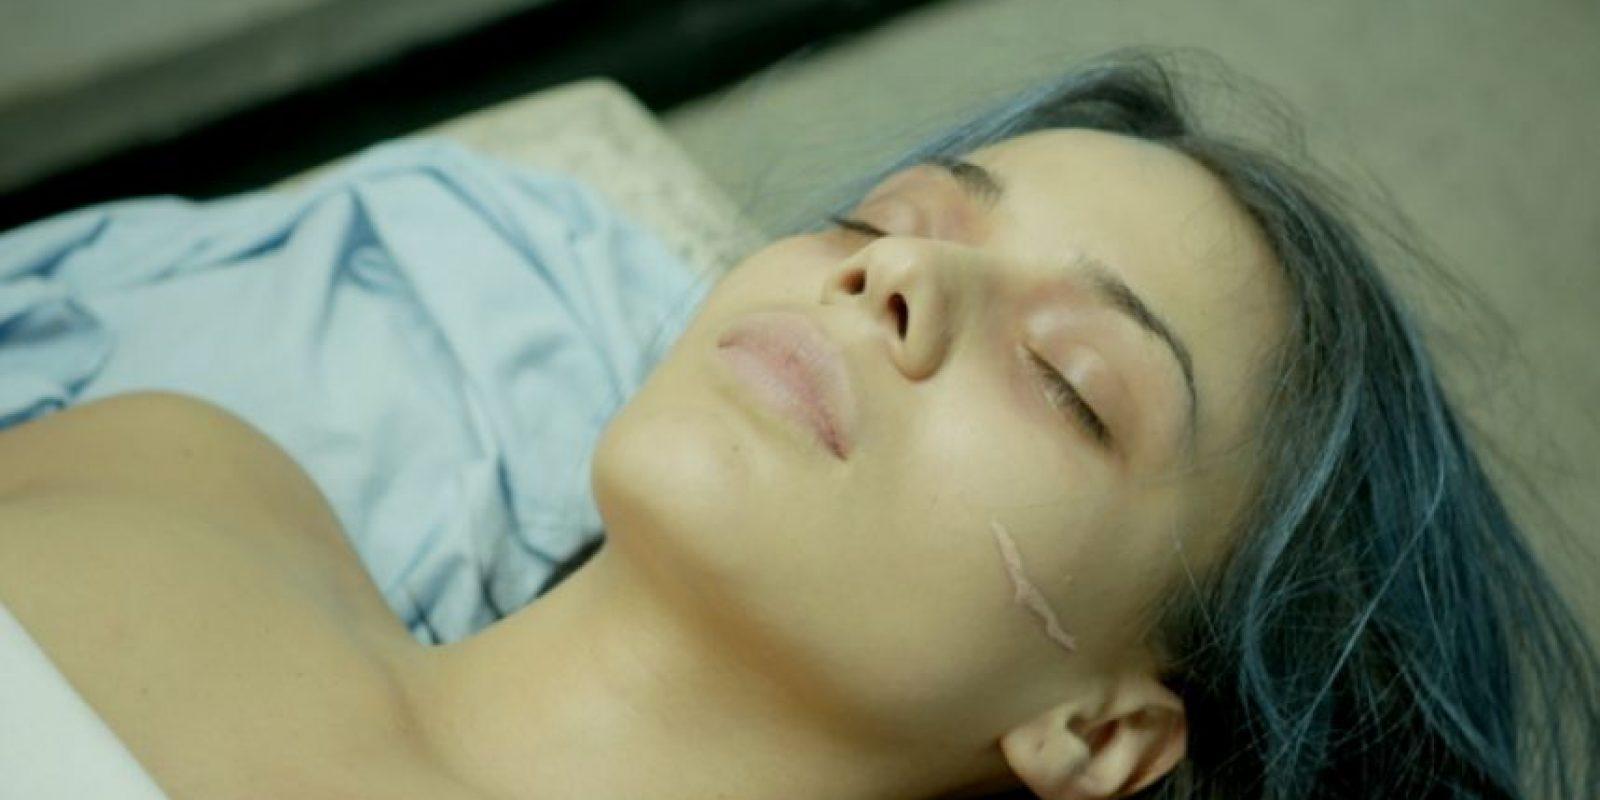 Foto:Tomado de http://ladylavendedoraderosas.canalrcn.com